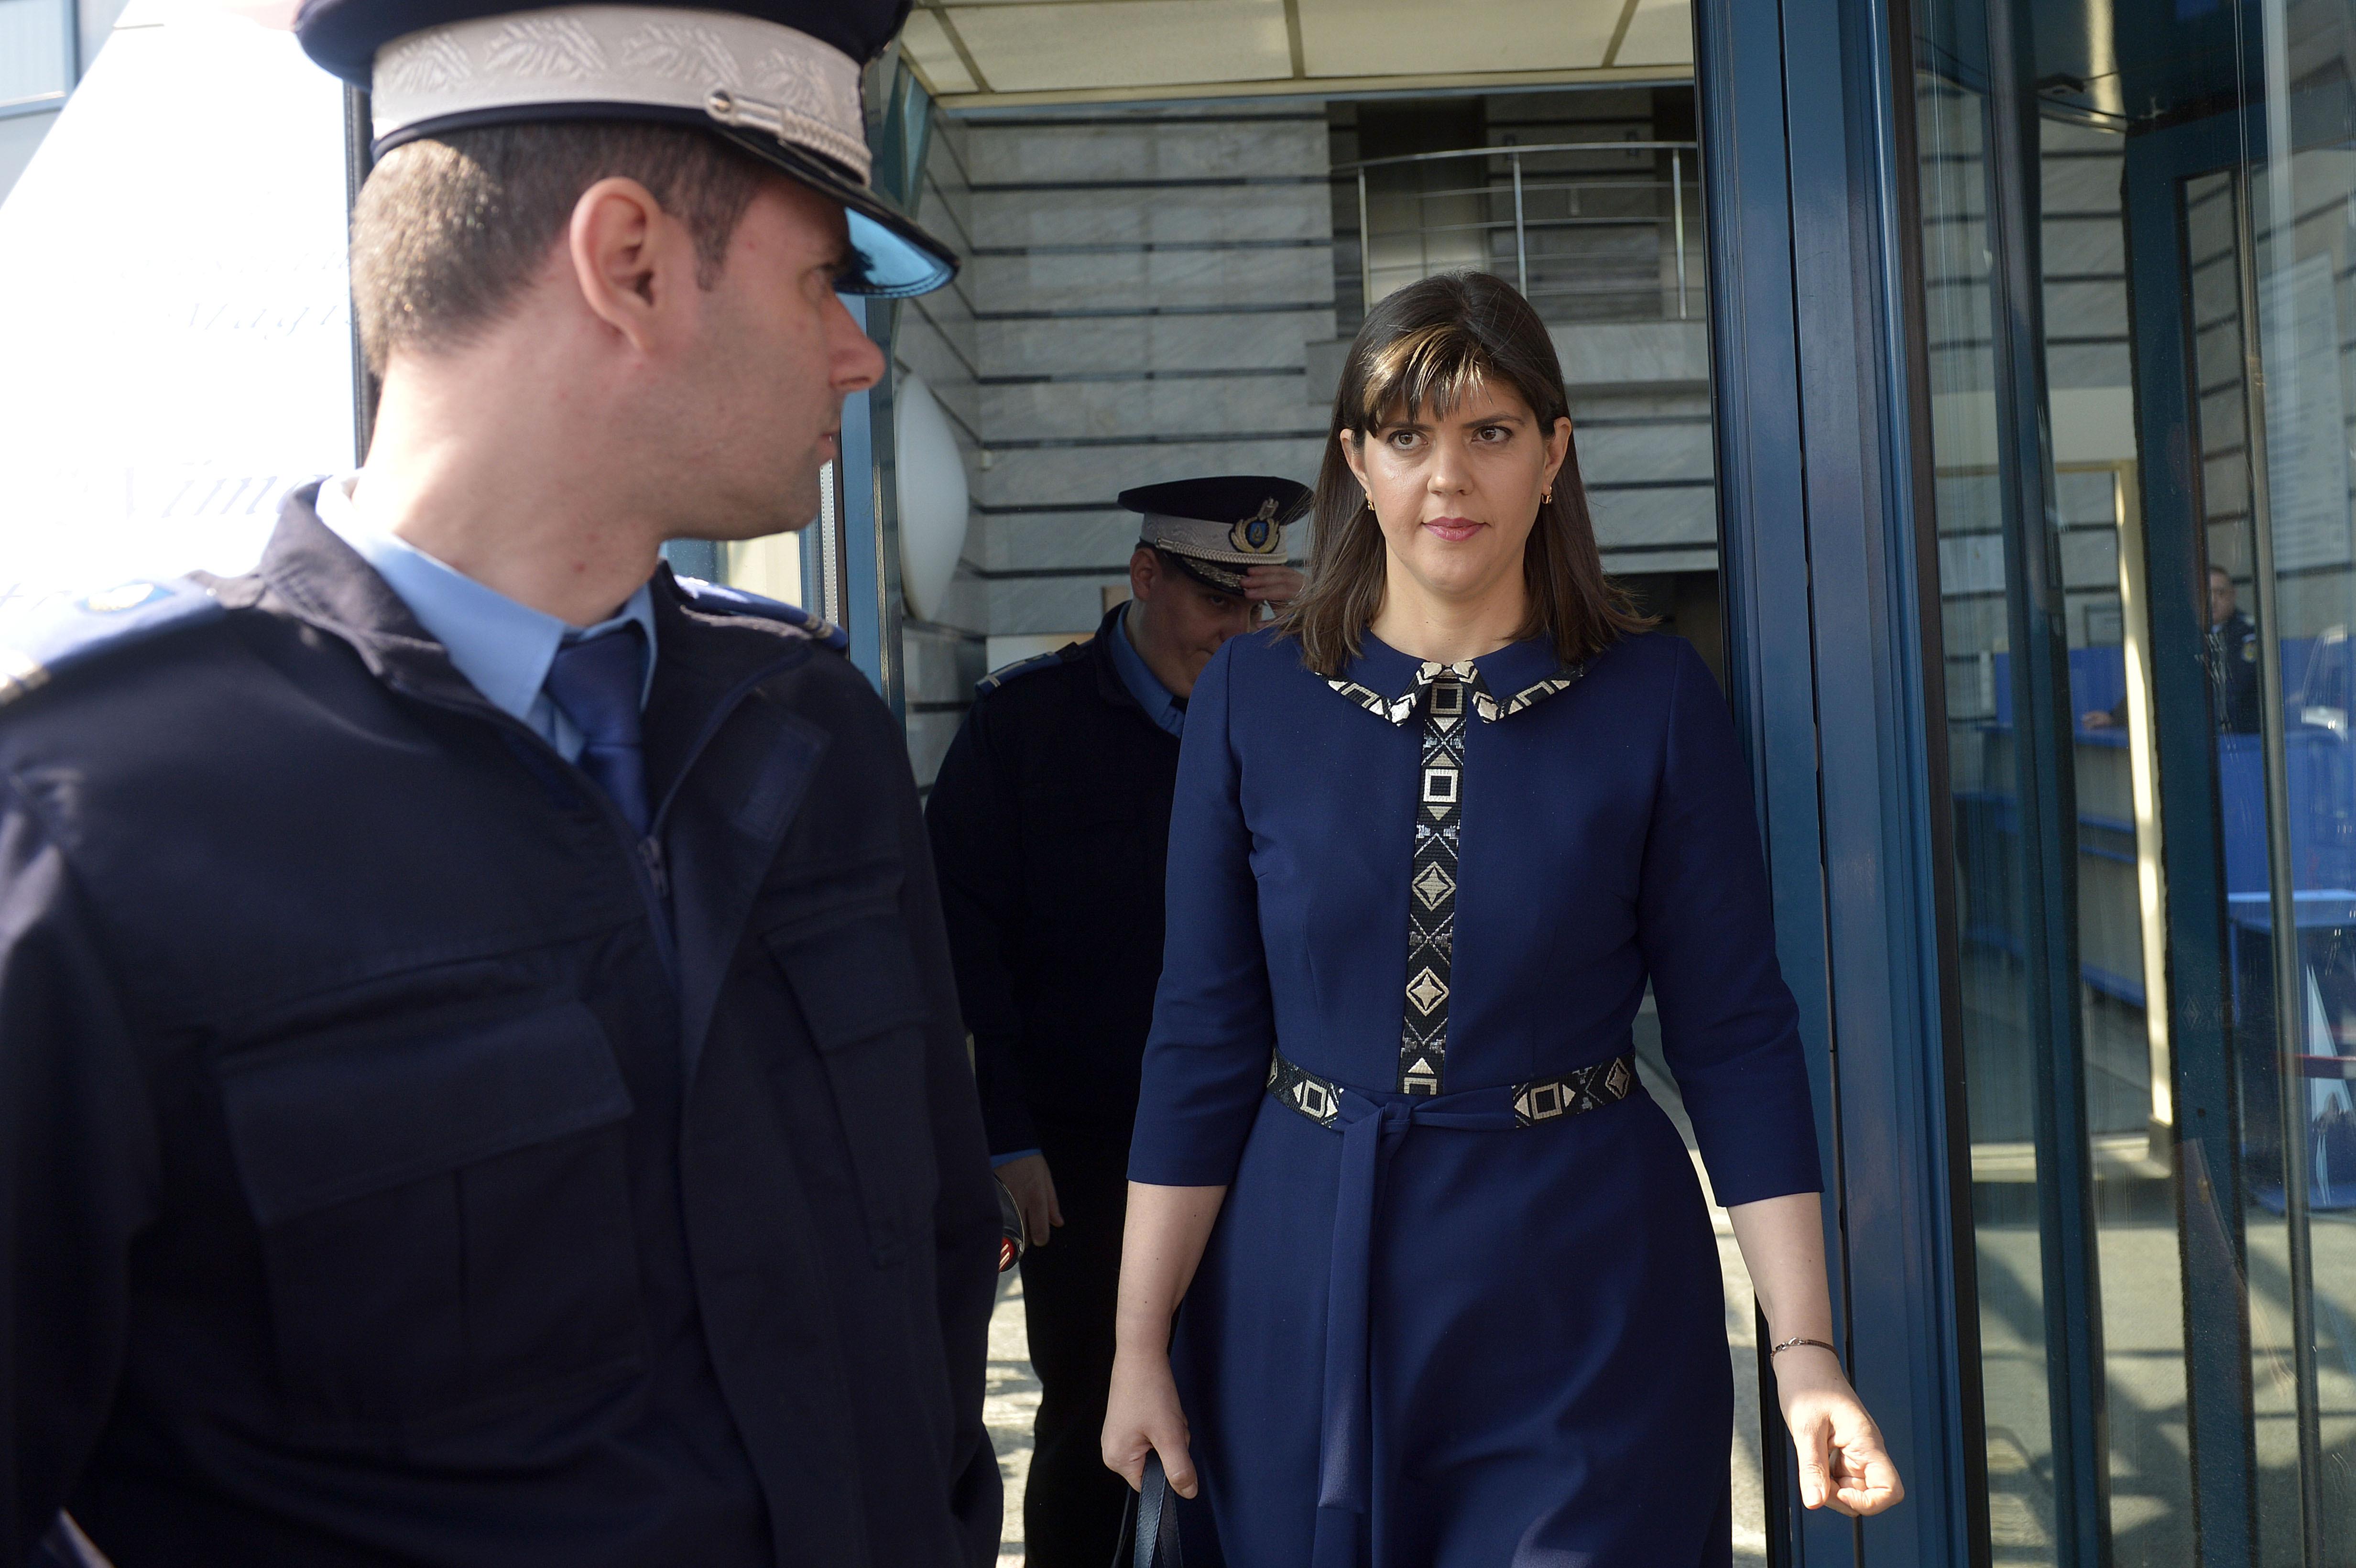 Omul de afaceri Sorin Strutinsky cere Inspecţiei Judiciare cercetarea Laurei Codruţa Kovesi